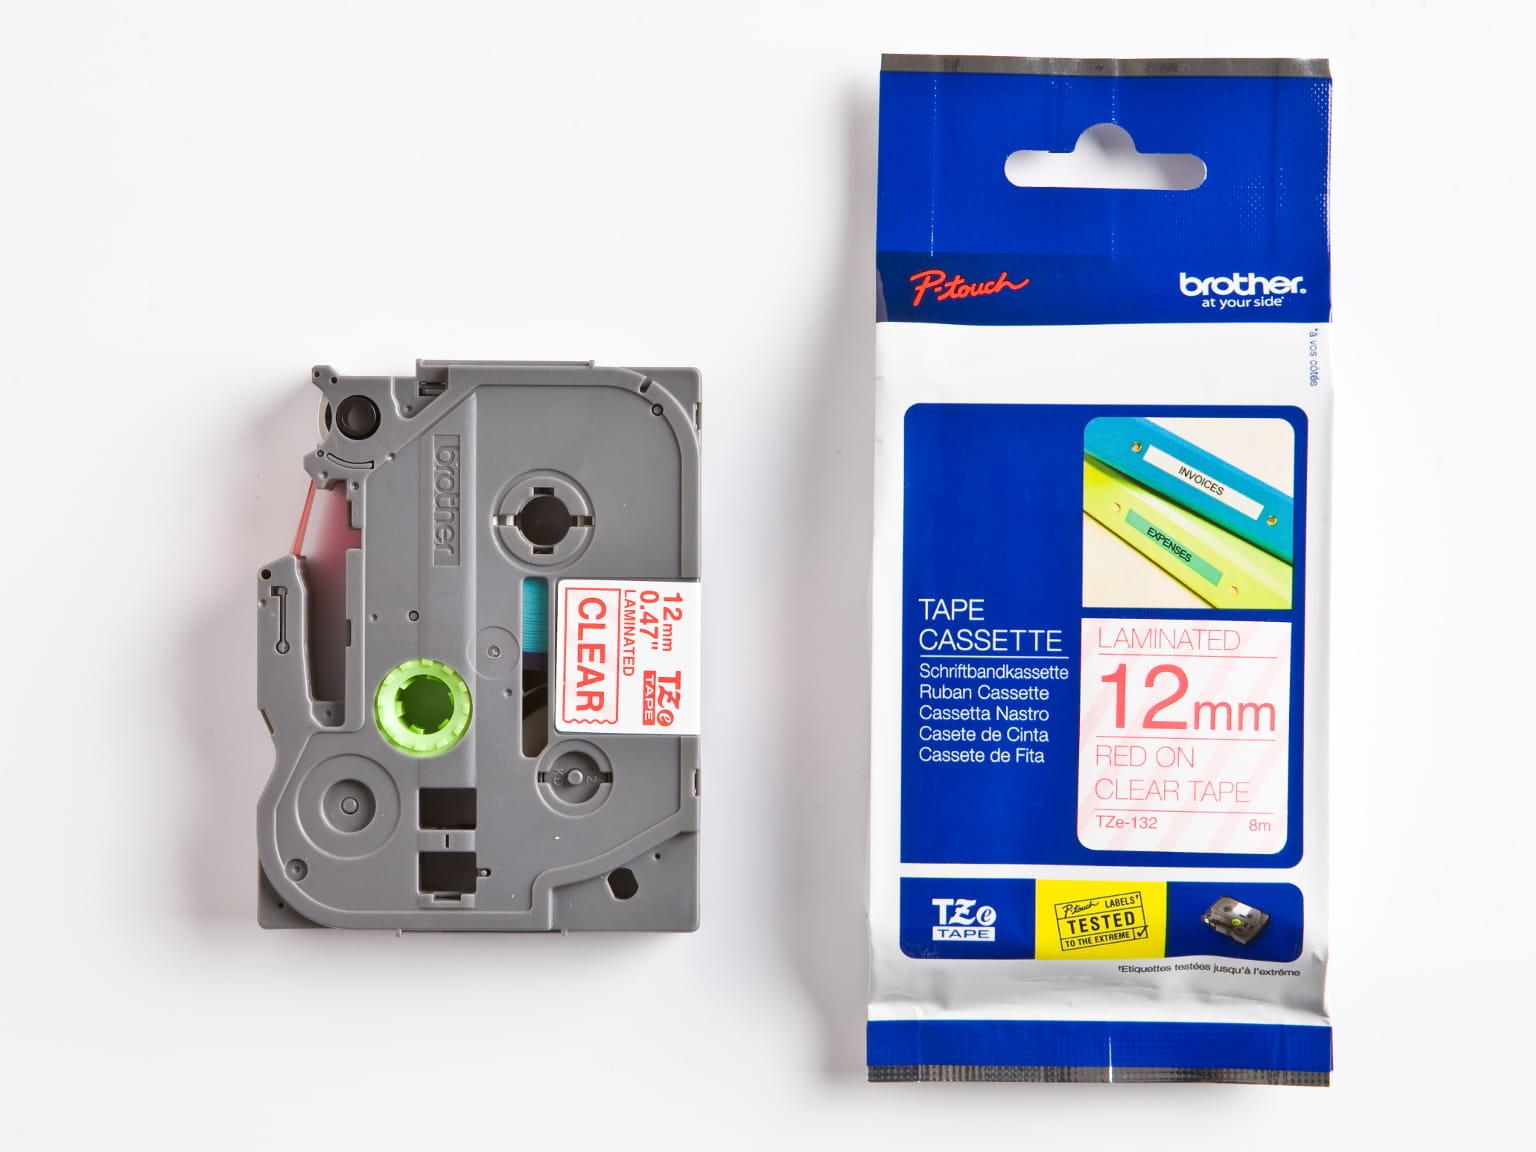 Nastro orginale Brother TZe-132 per etichettatrici P-touch, con nastro e confezione